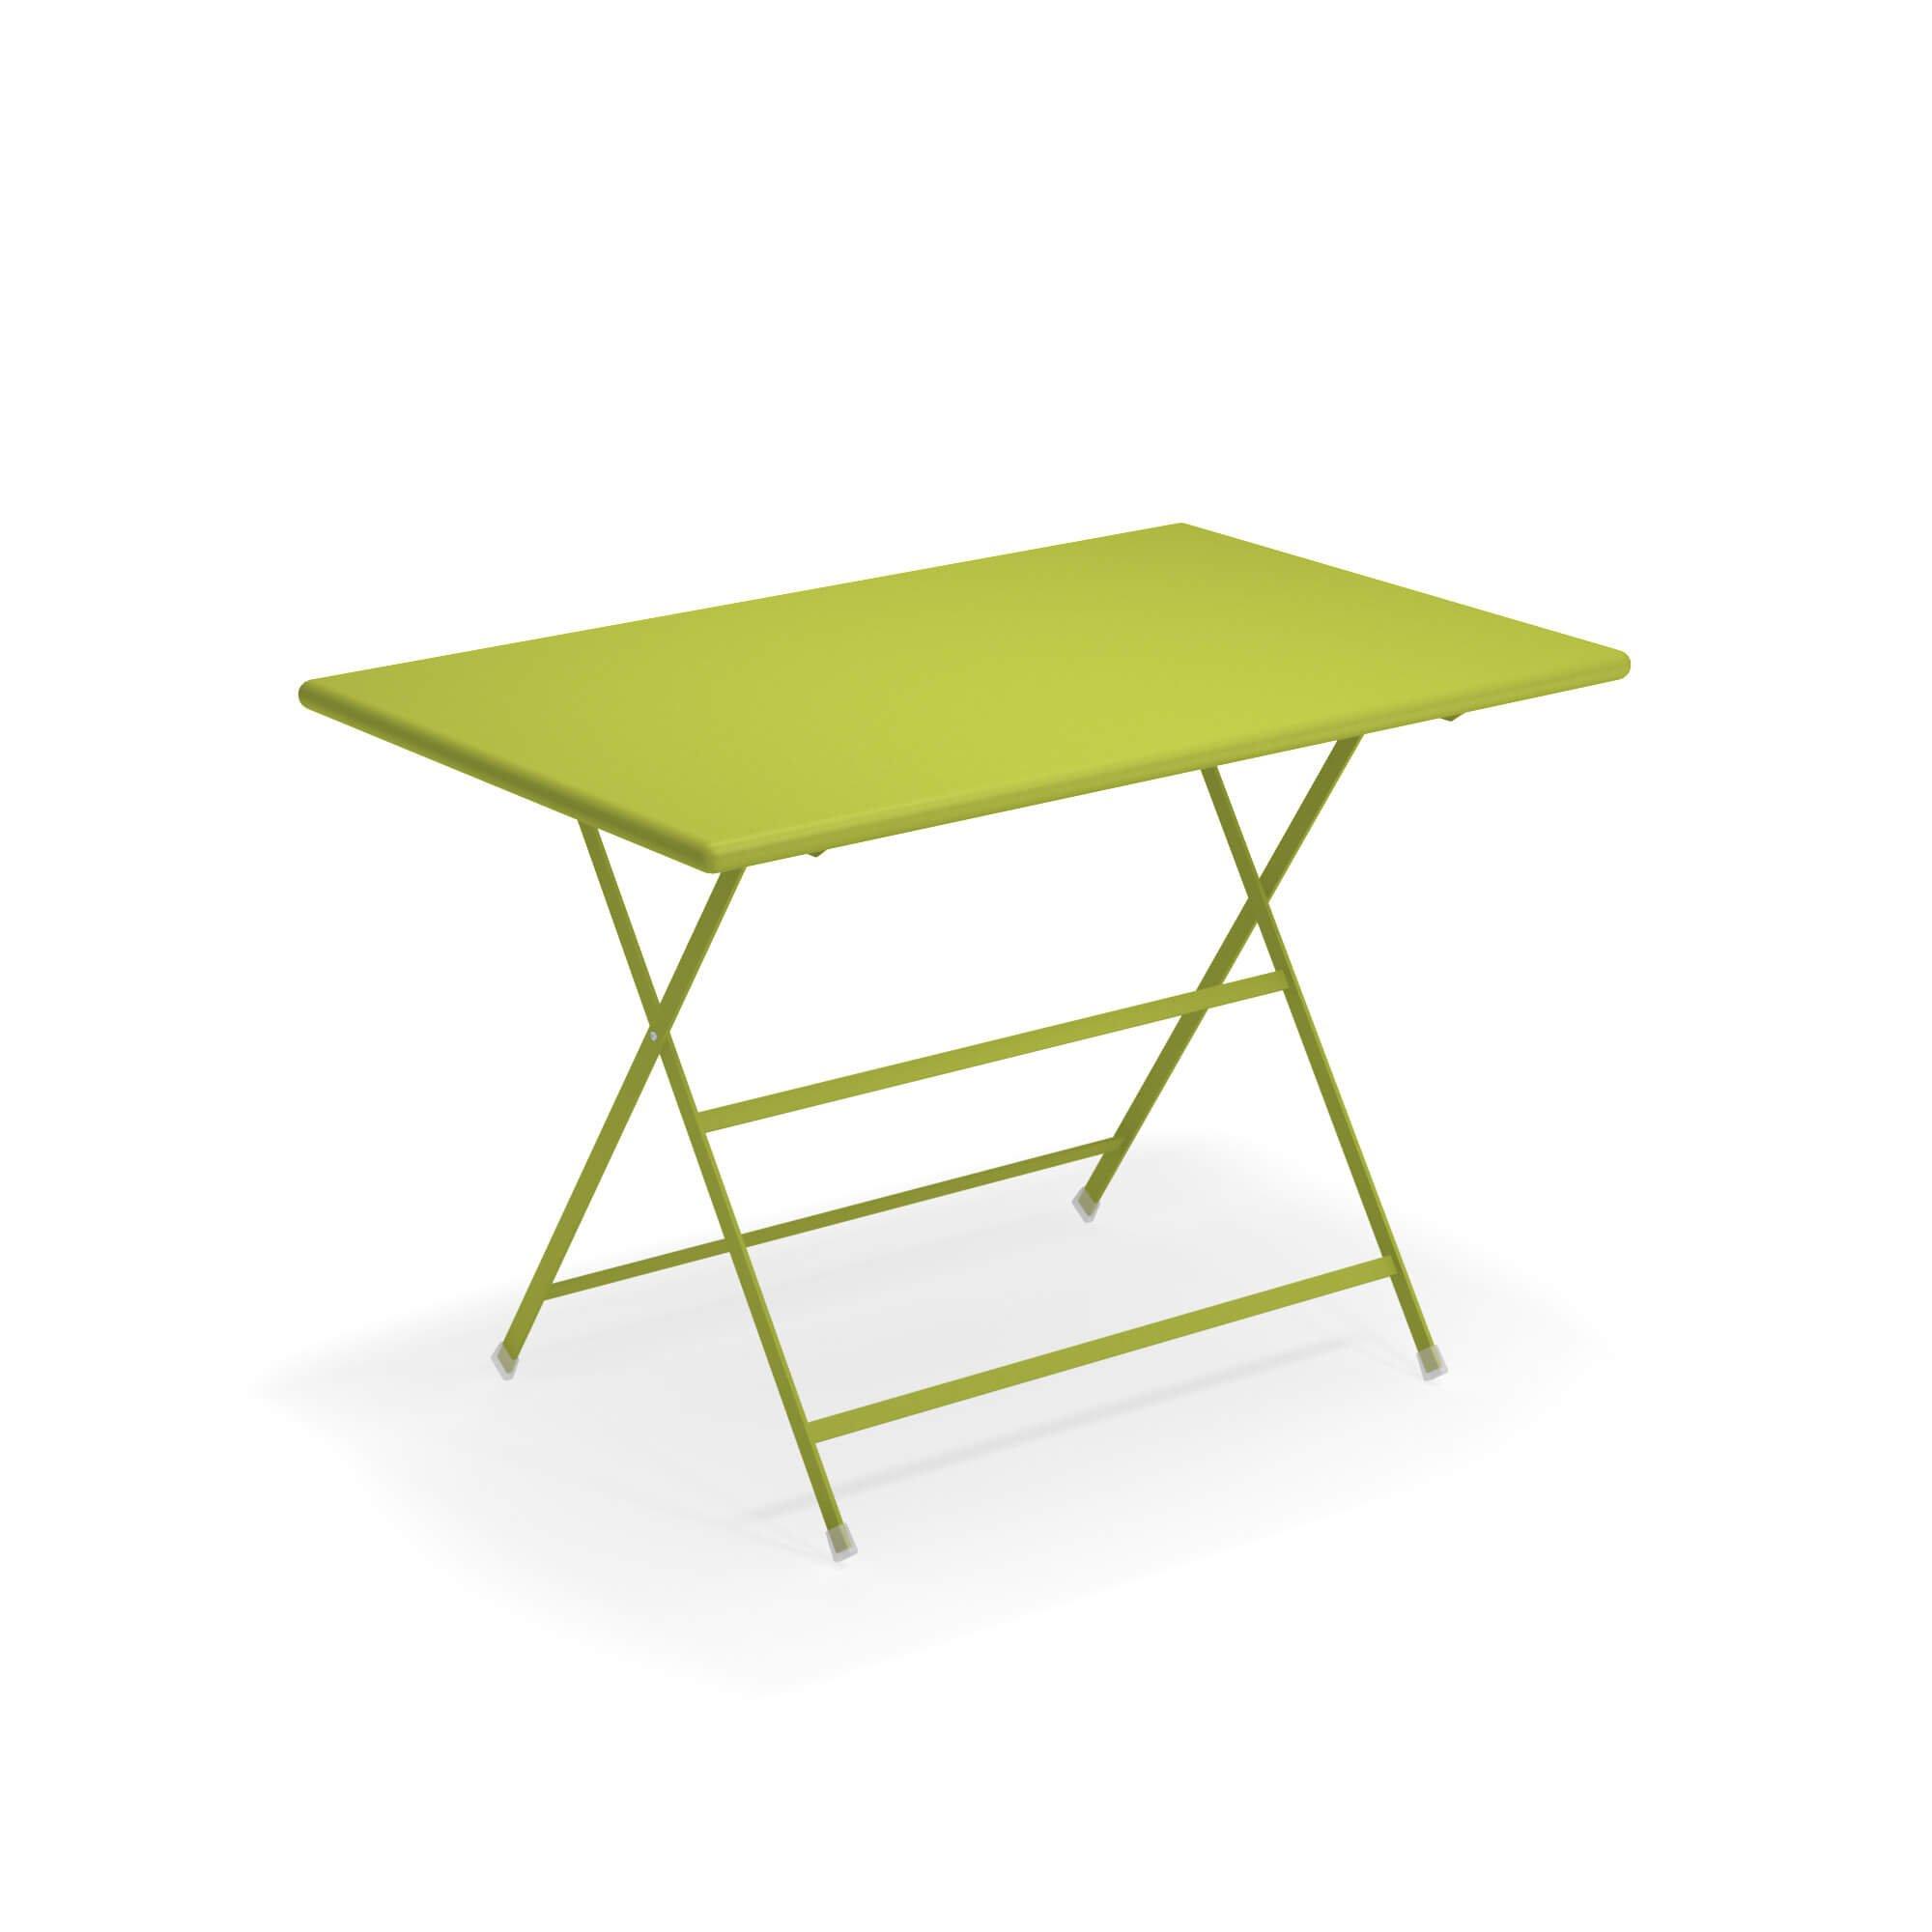 Arc en Ciel Folding Table  from Emu, designed by EMU Design Studio